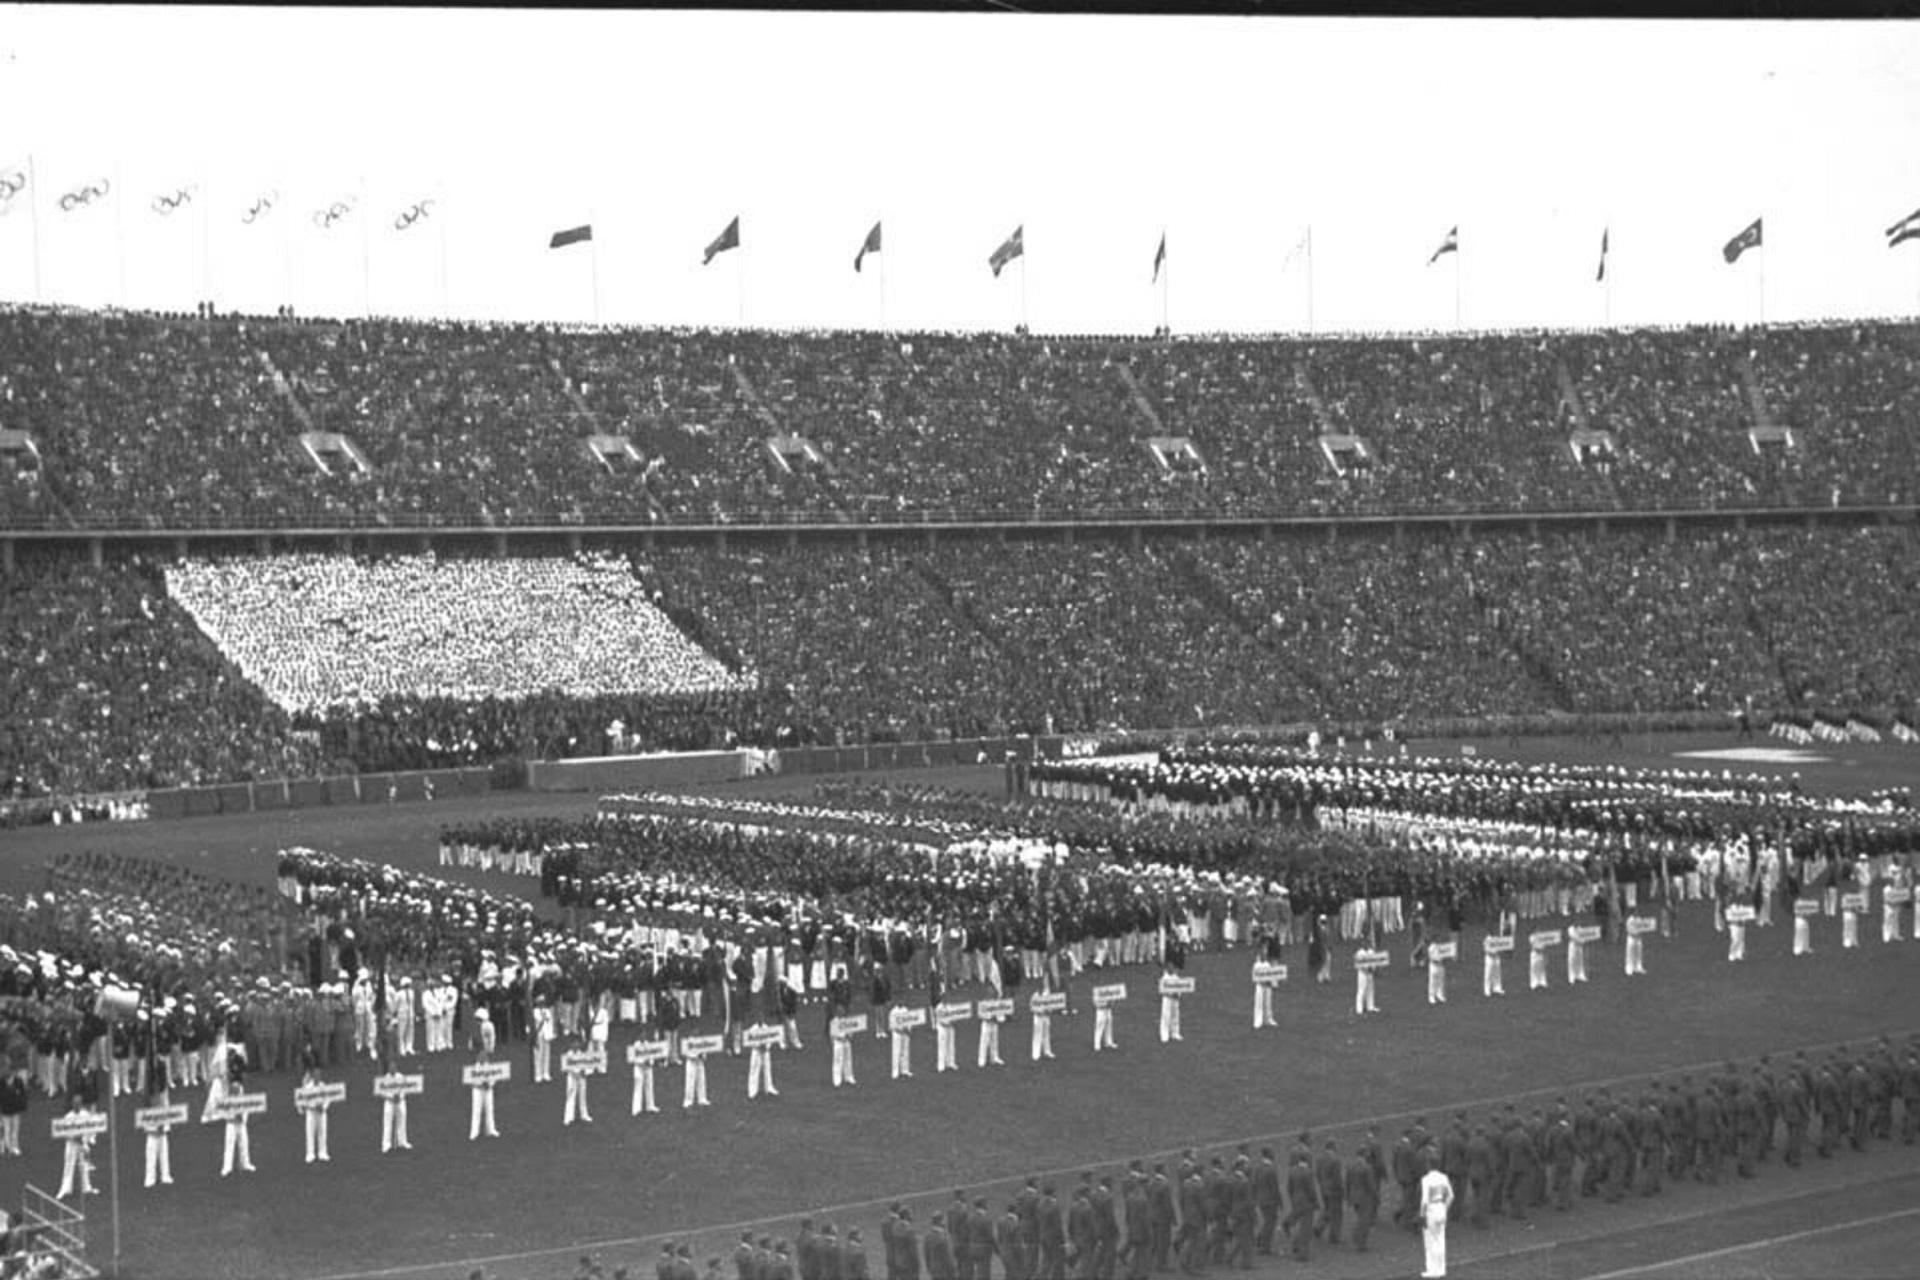 Cerimónia de Abertura dos Jogos Olímpicos de Berlim 1936.